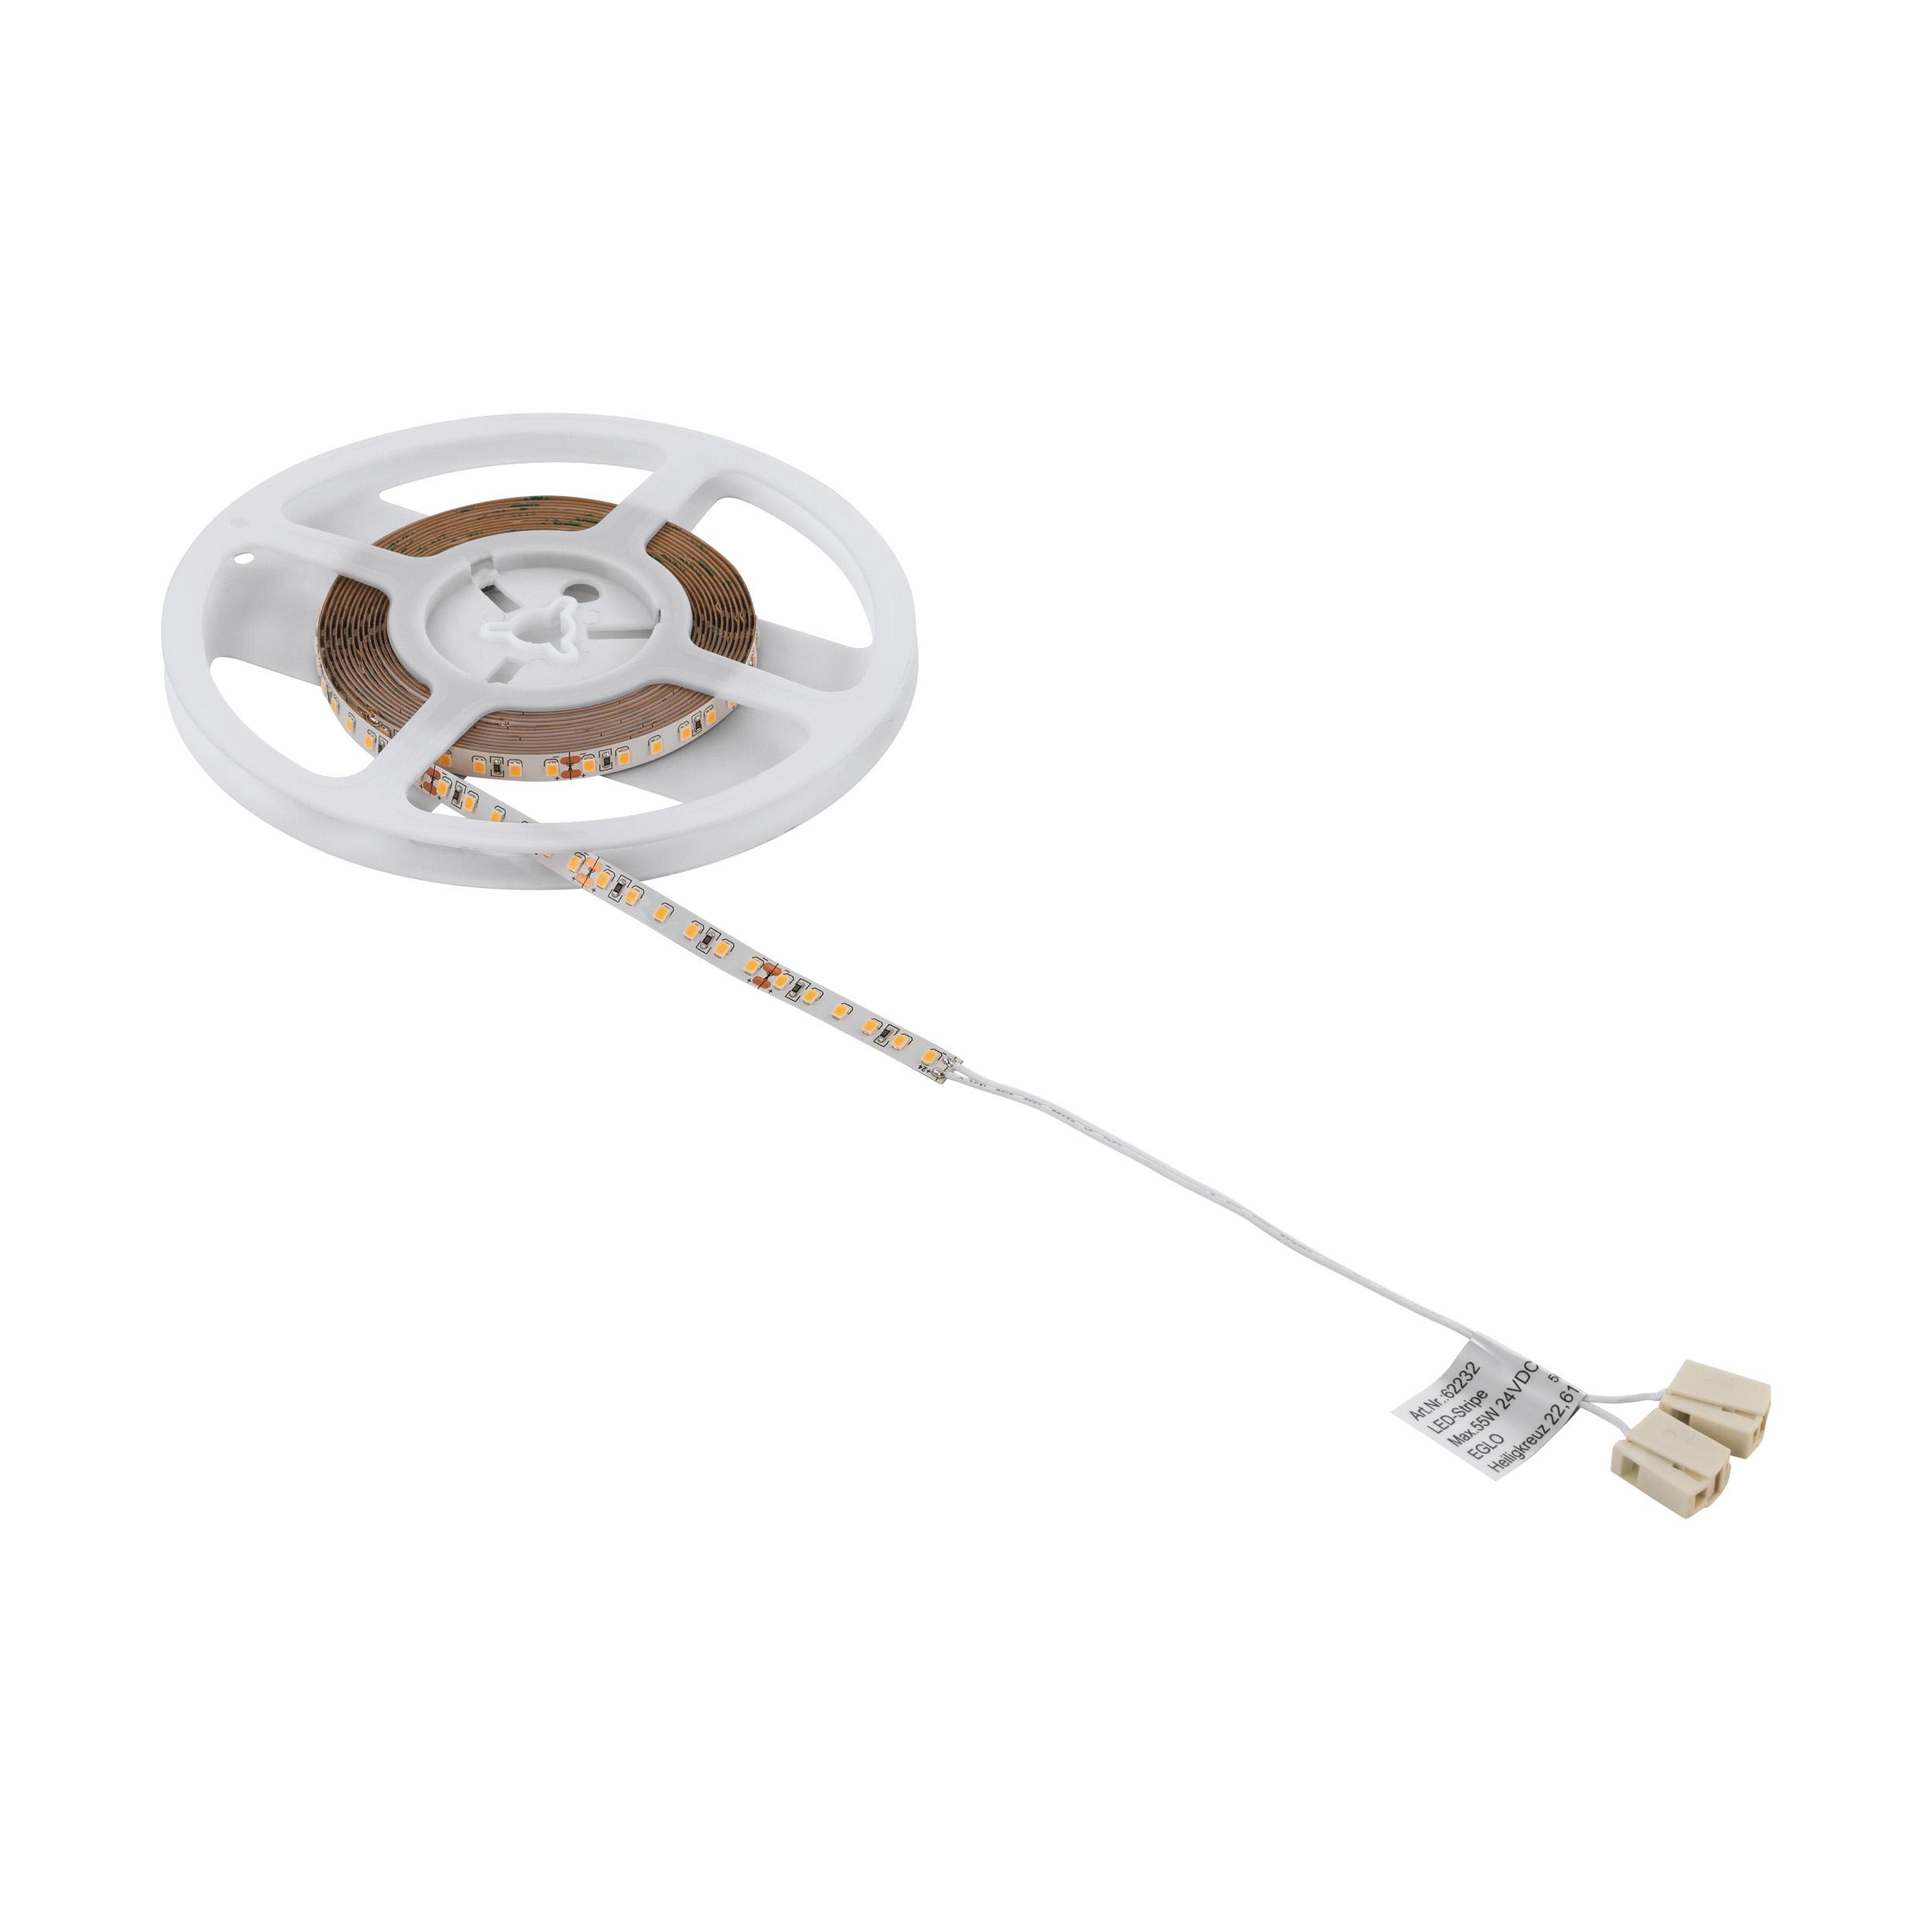 1 Stk LED-STRIPE 20m Rolle, Angabe per Meter 11W/mW 3000K IP20 LI63295---